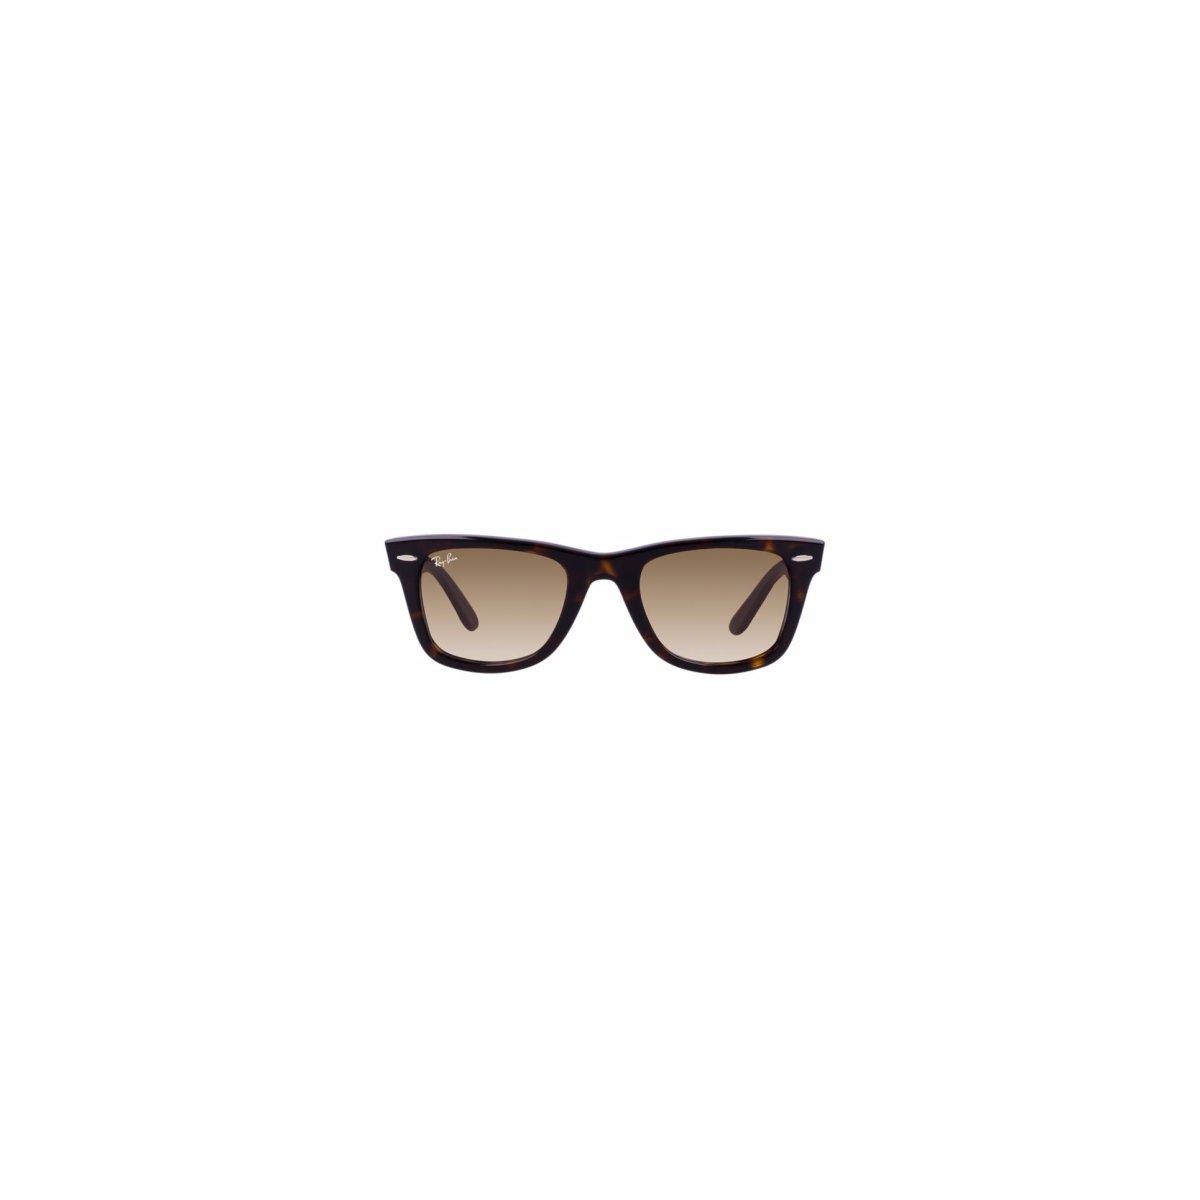 Óculos de Sol Ray Ban Wayfarer - Compre Agora   Netshoes 8a976da27e